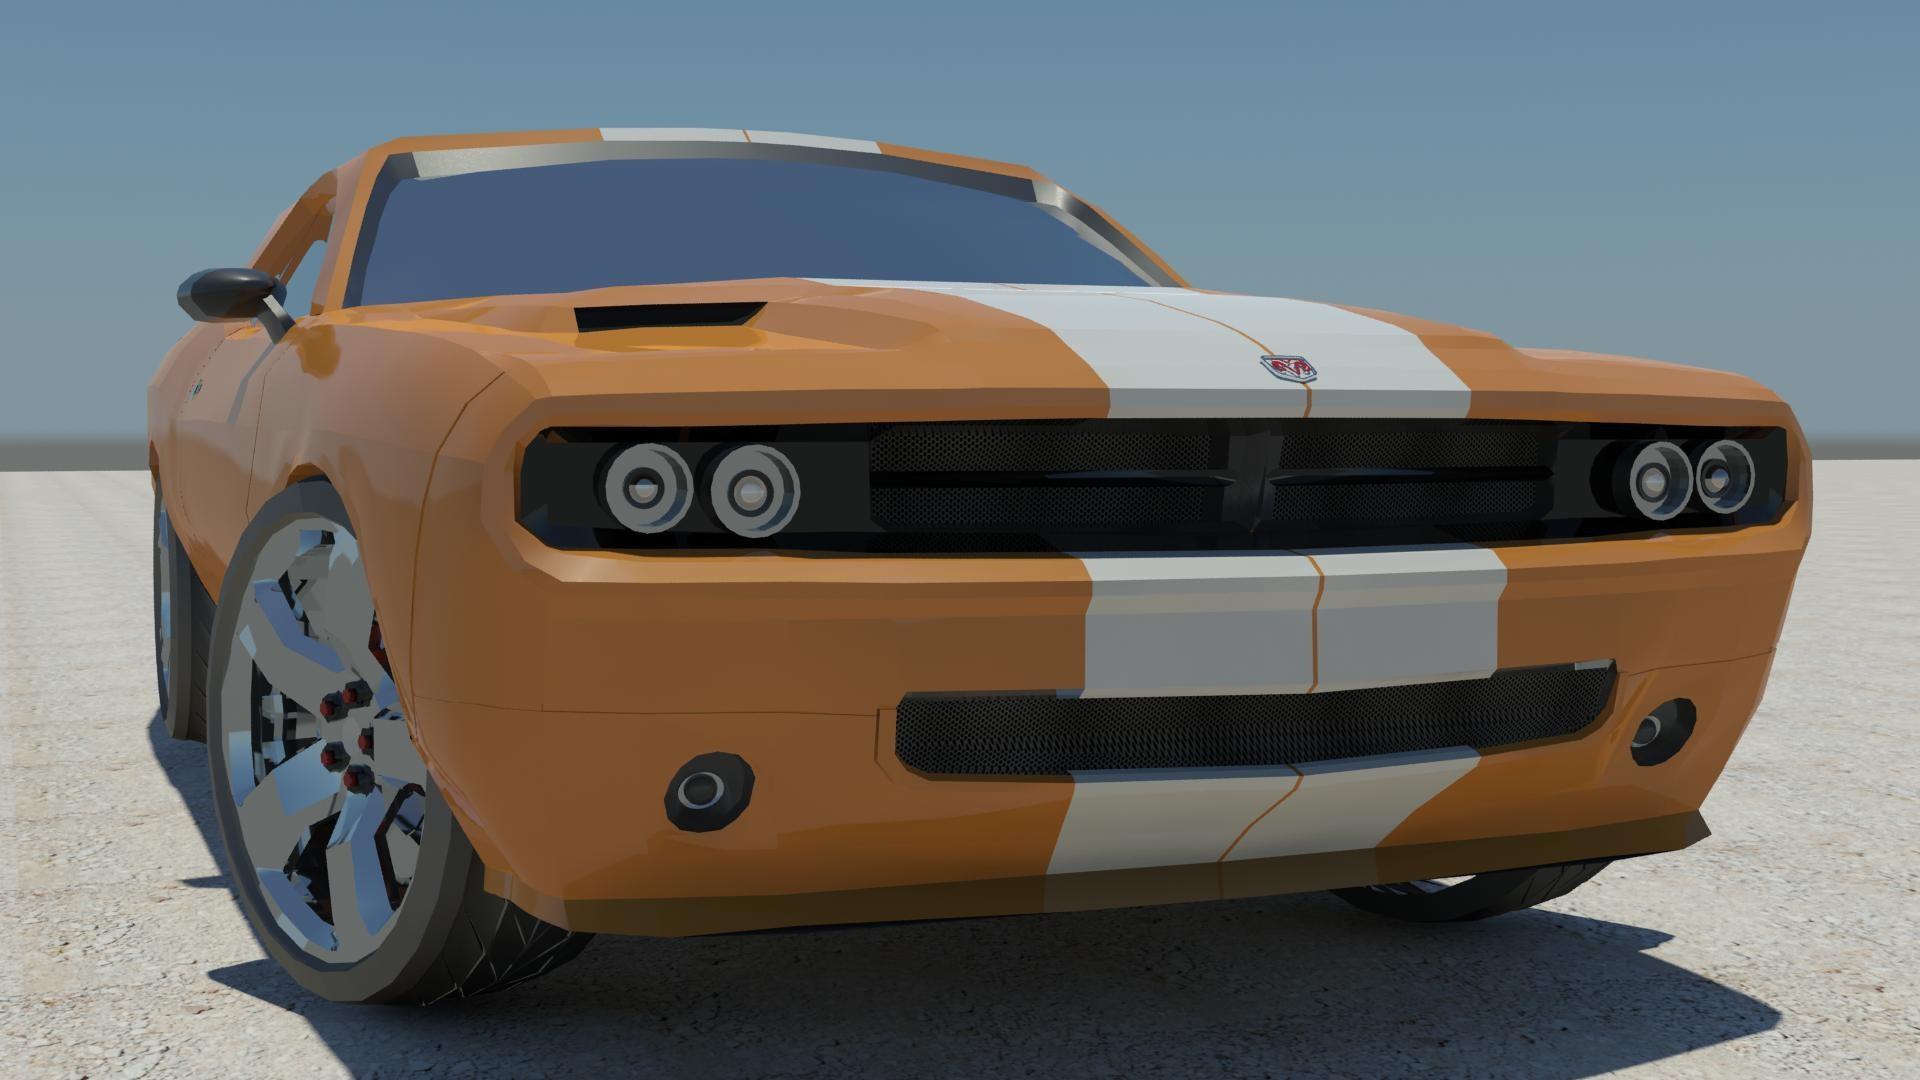 Aiden Mockridge Ba Game art Year 1 Car Design